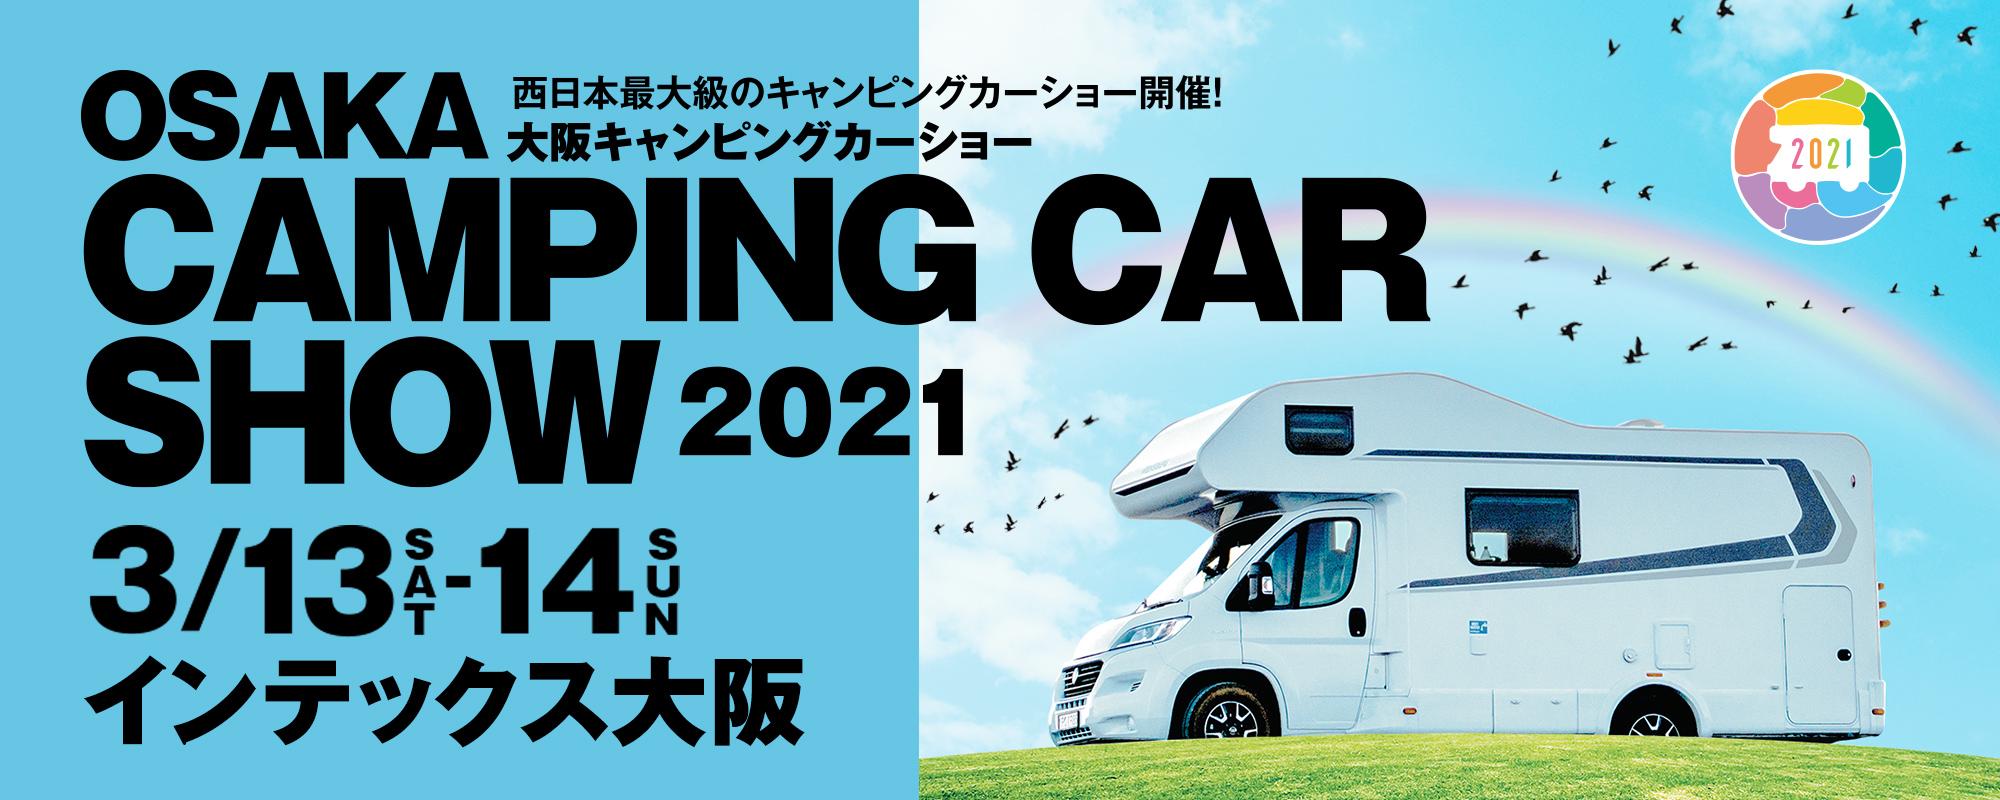 2021年大阪キャンピングカーショー2021( Osaka Camping Car Show 2021)